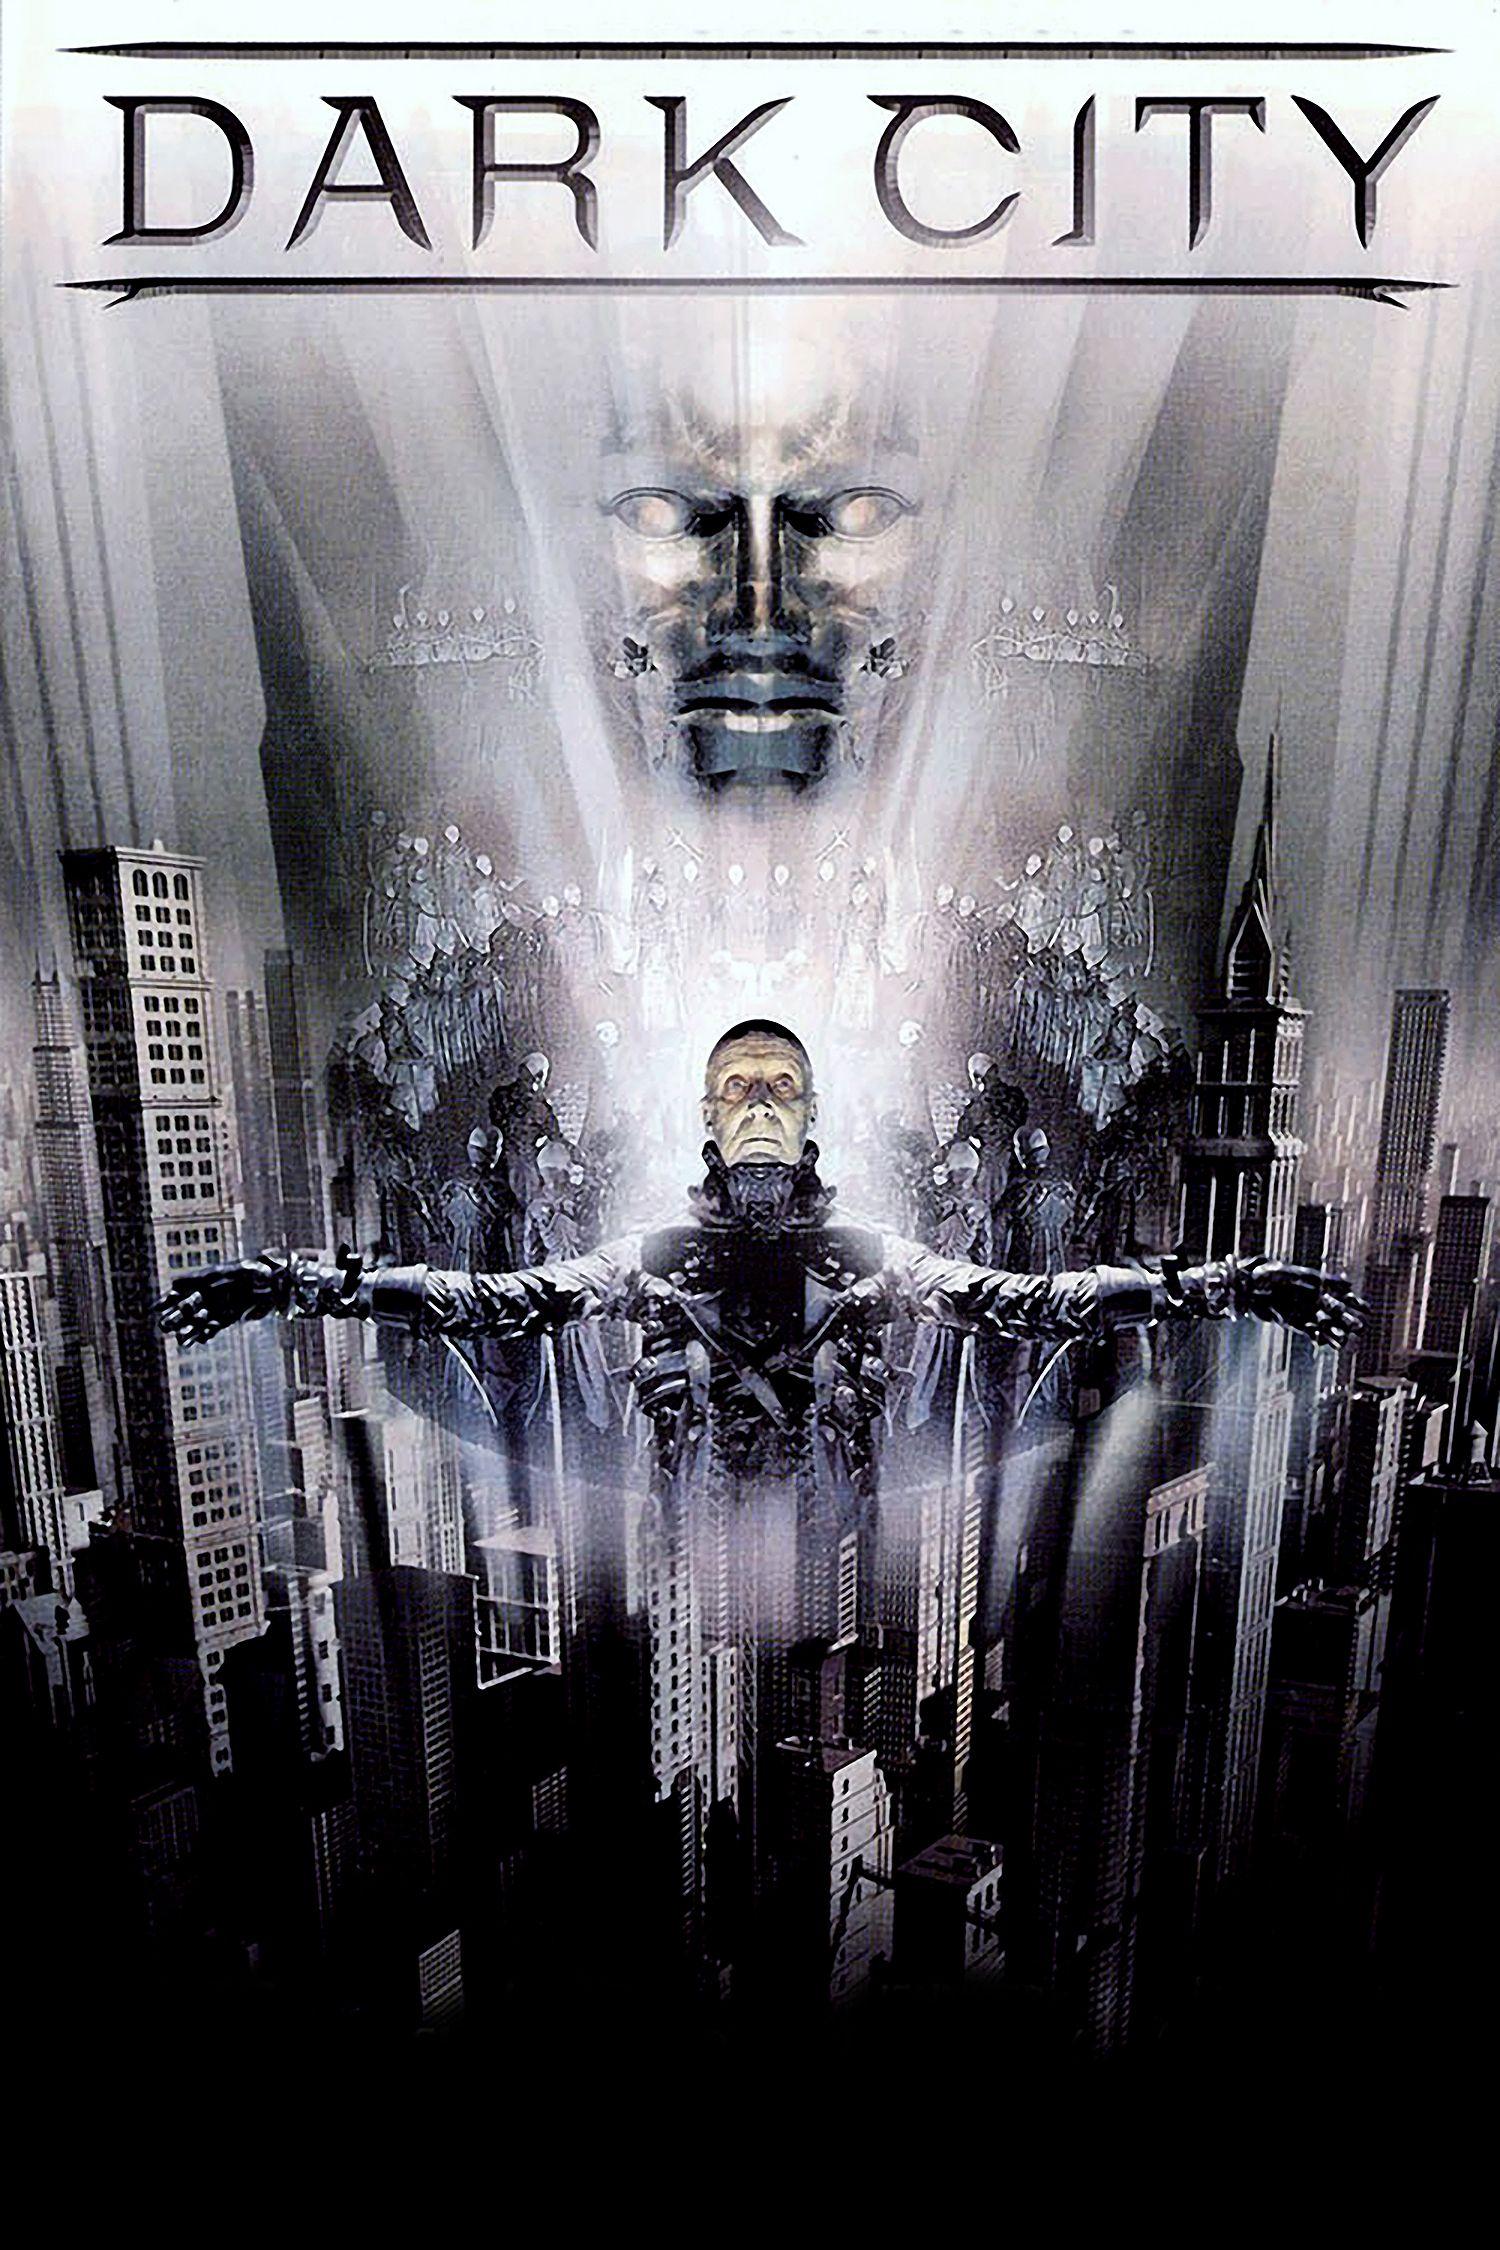 934 Dark City 1998 4 De 5 Director Alex Proyas Una